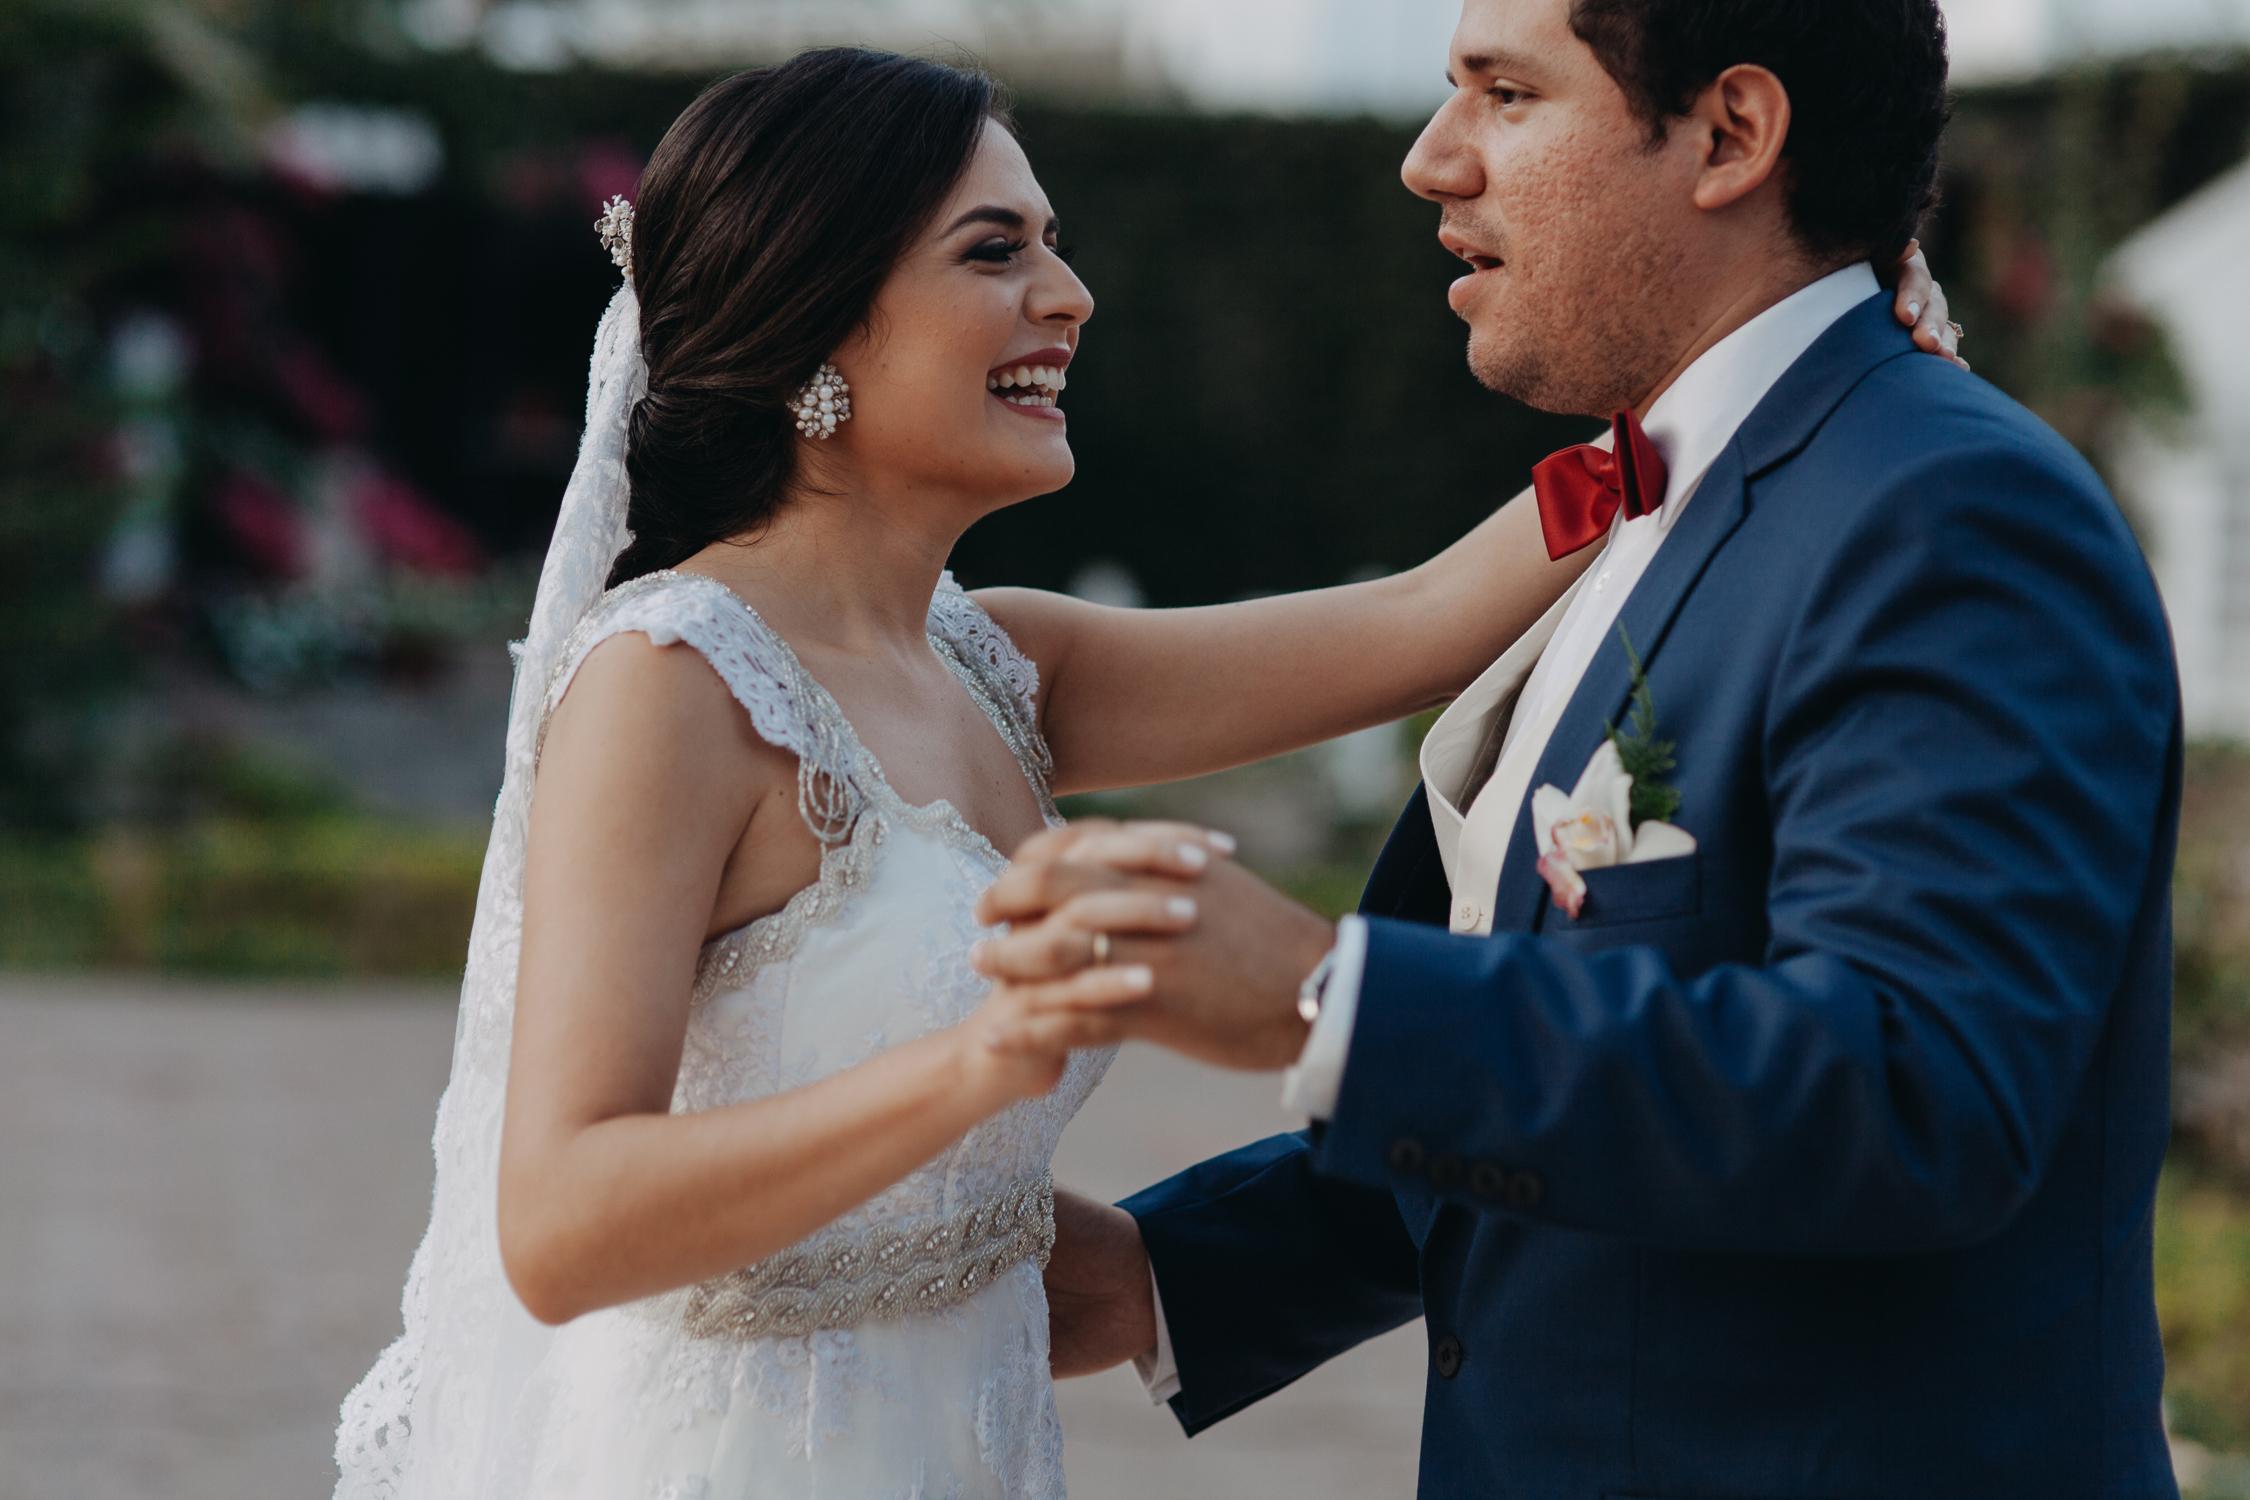 Michelle-Agurto-Fotografia-Bodas-Ecuador-Destination-Wedding-Photographer-Cristi-Luis-124.JPG